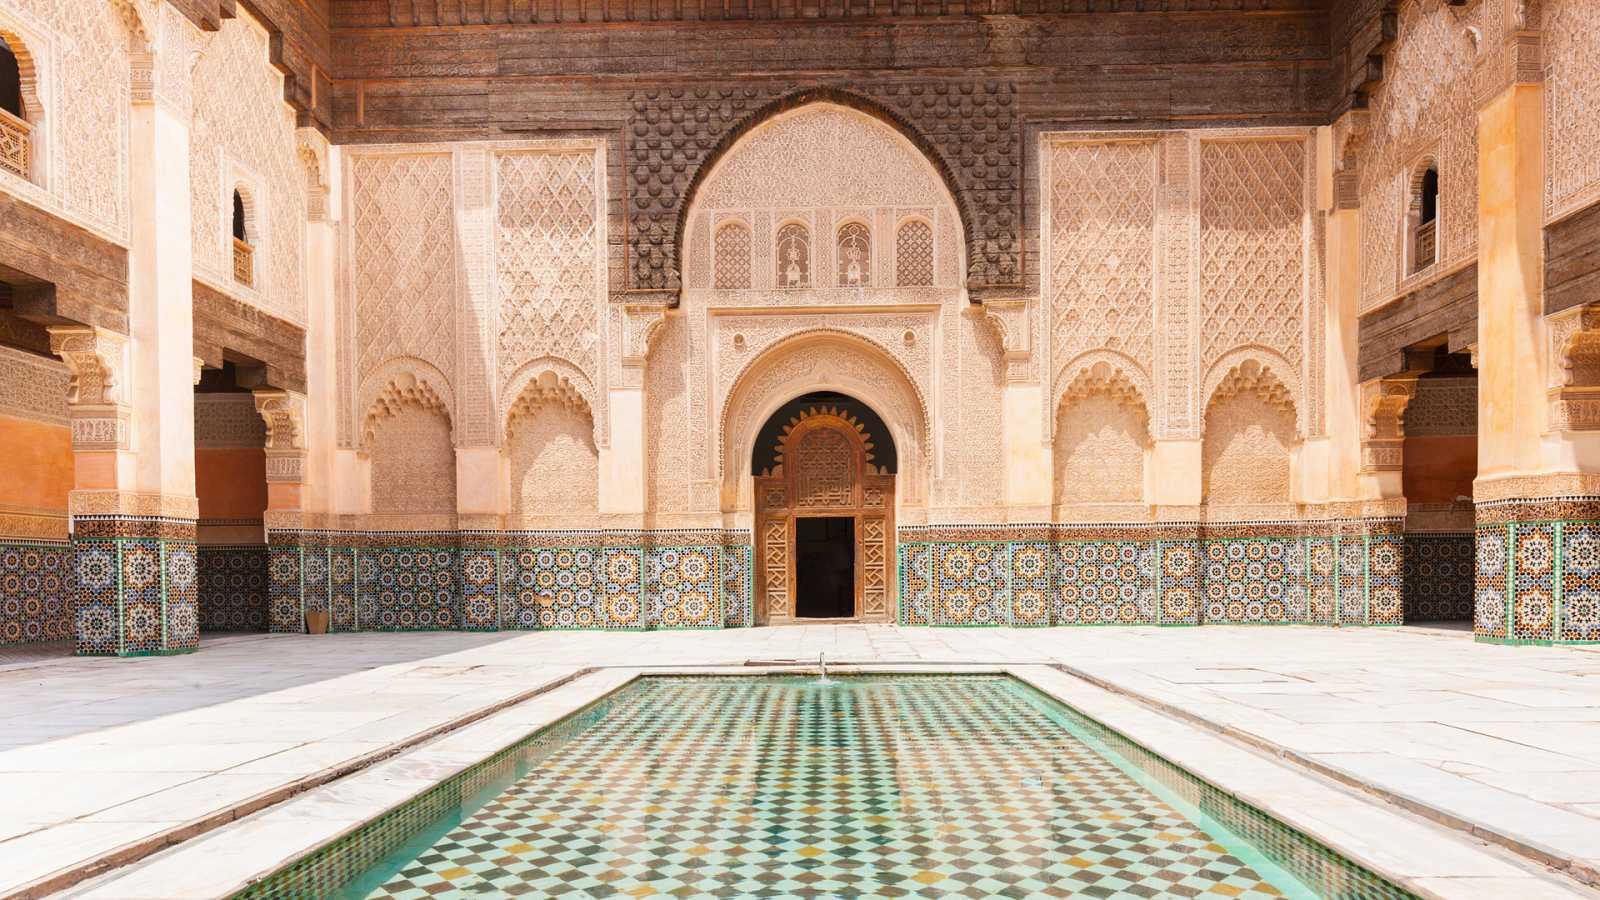 África hoy - Camino de la celebración de la Asamblea General de la OMT en Marruecos - 27/04/21 - escuchar ahora